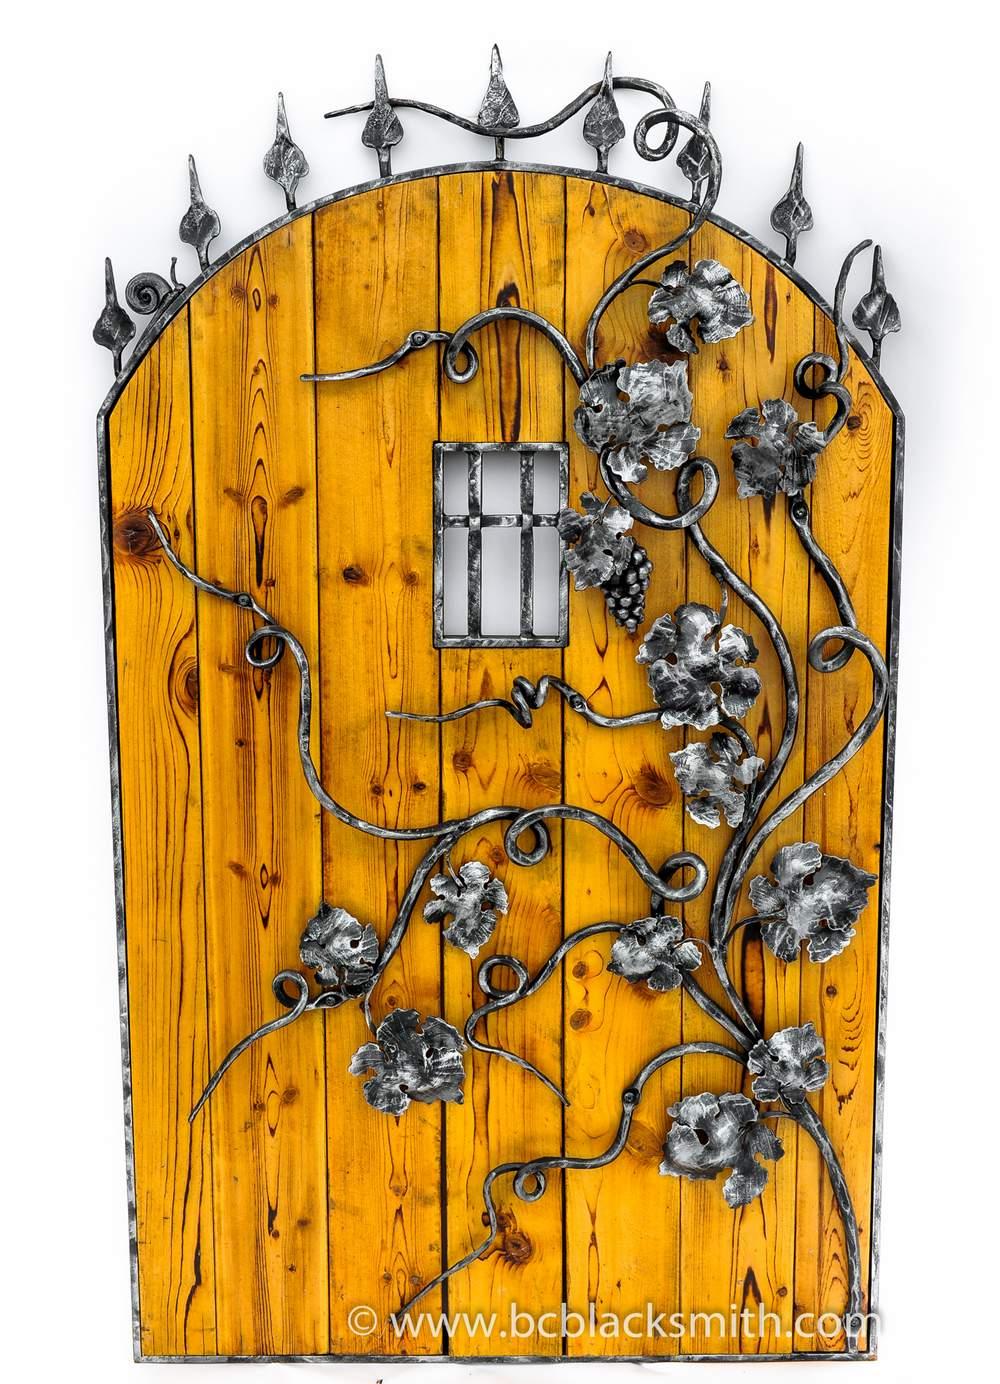 wrought iron and wood wine cellar door